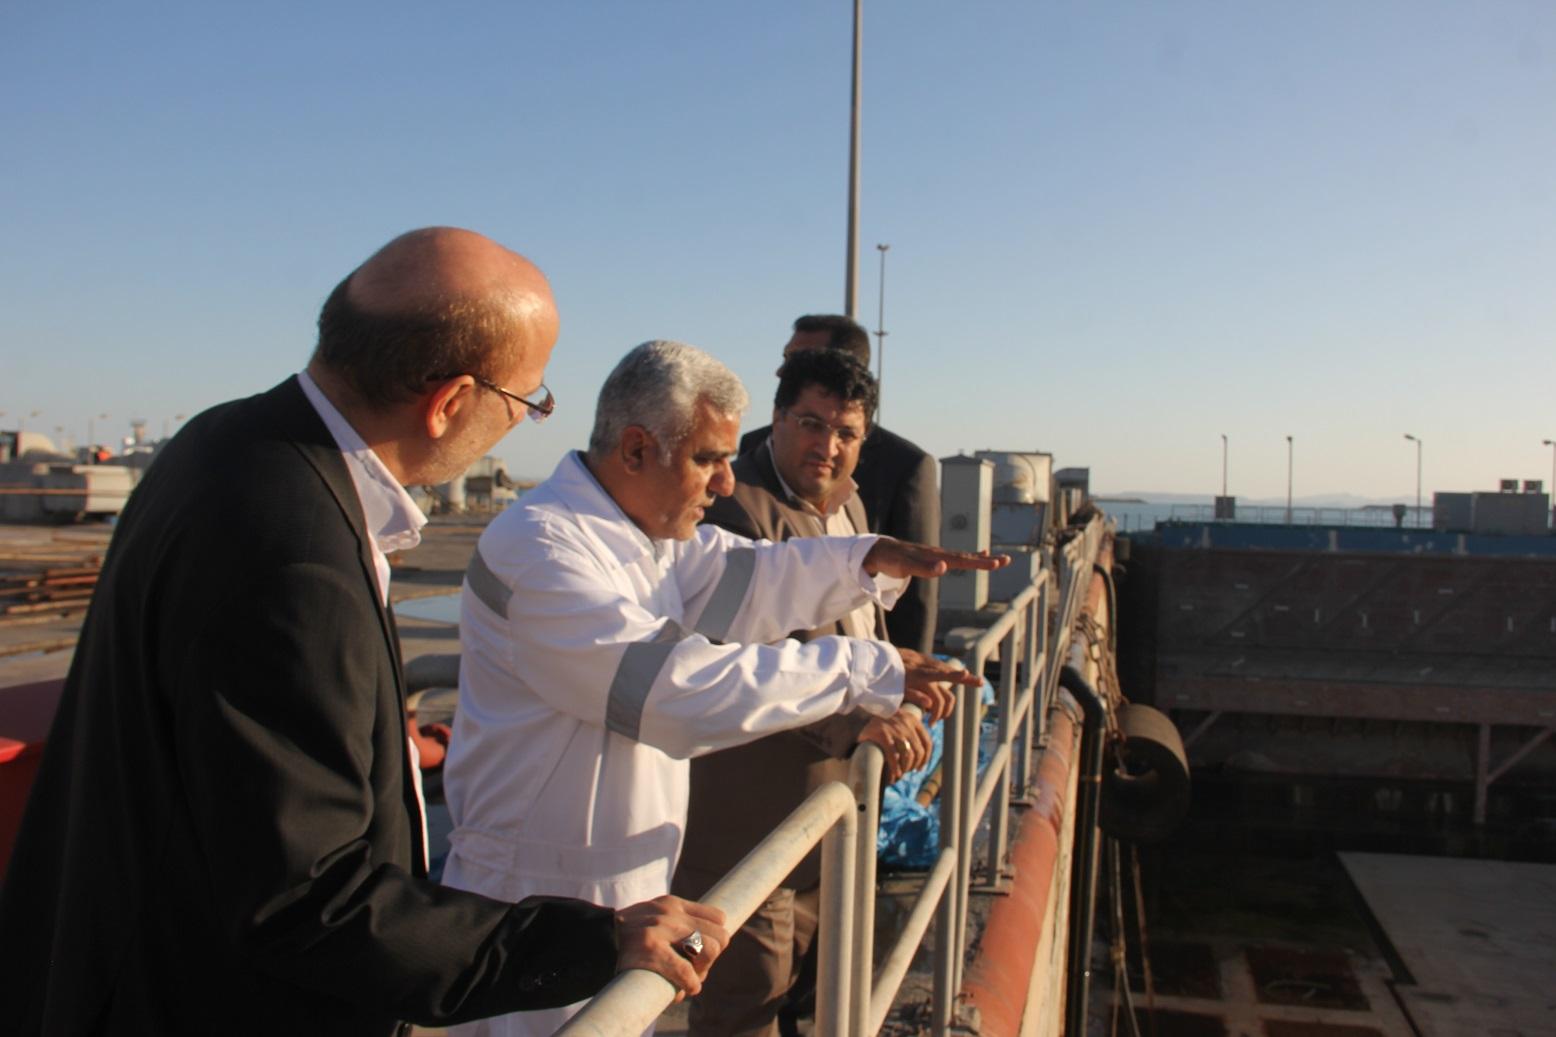 بازدید معاون وزیر صنعت معدن و تجارت  و رئیس سازمان صنعت معدن و تجارت هرمزگان از مجتمع کشتی سازی و صنایع فراساحل (ایزویکو)